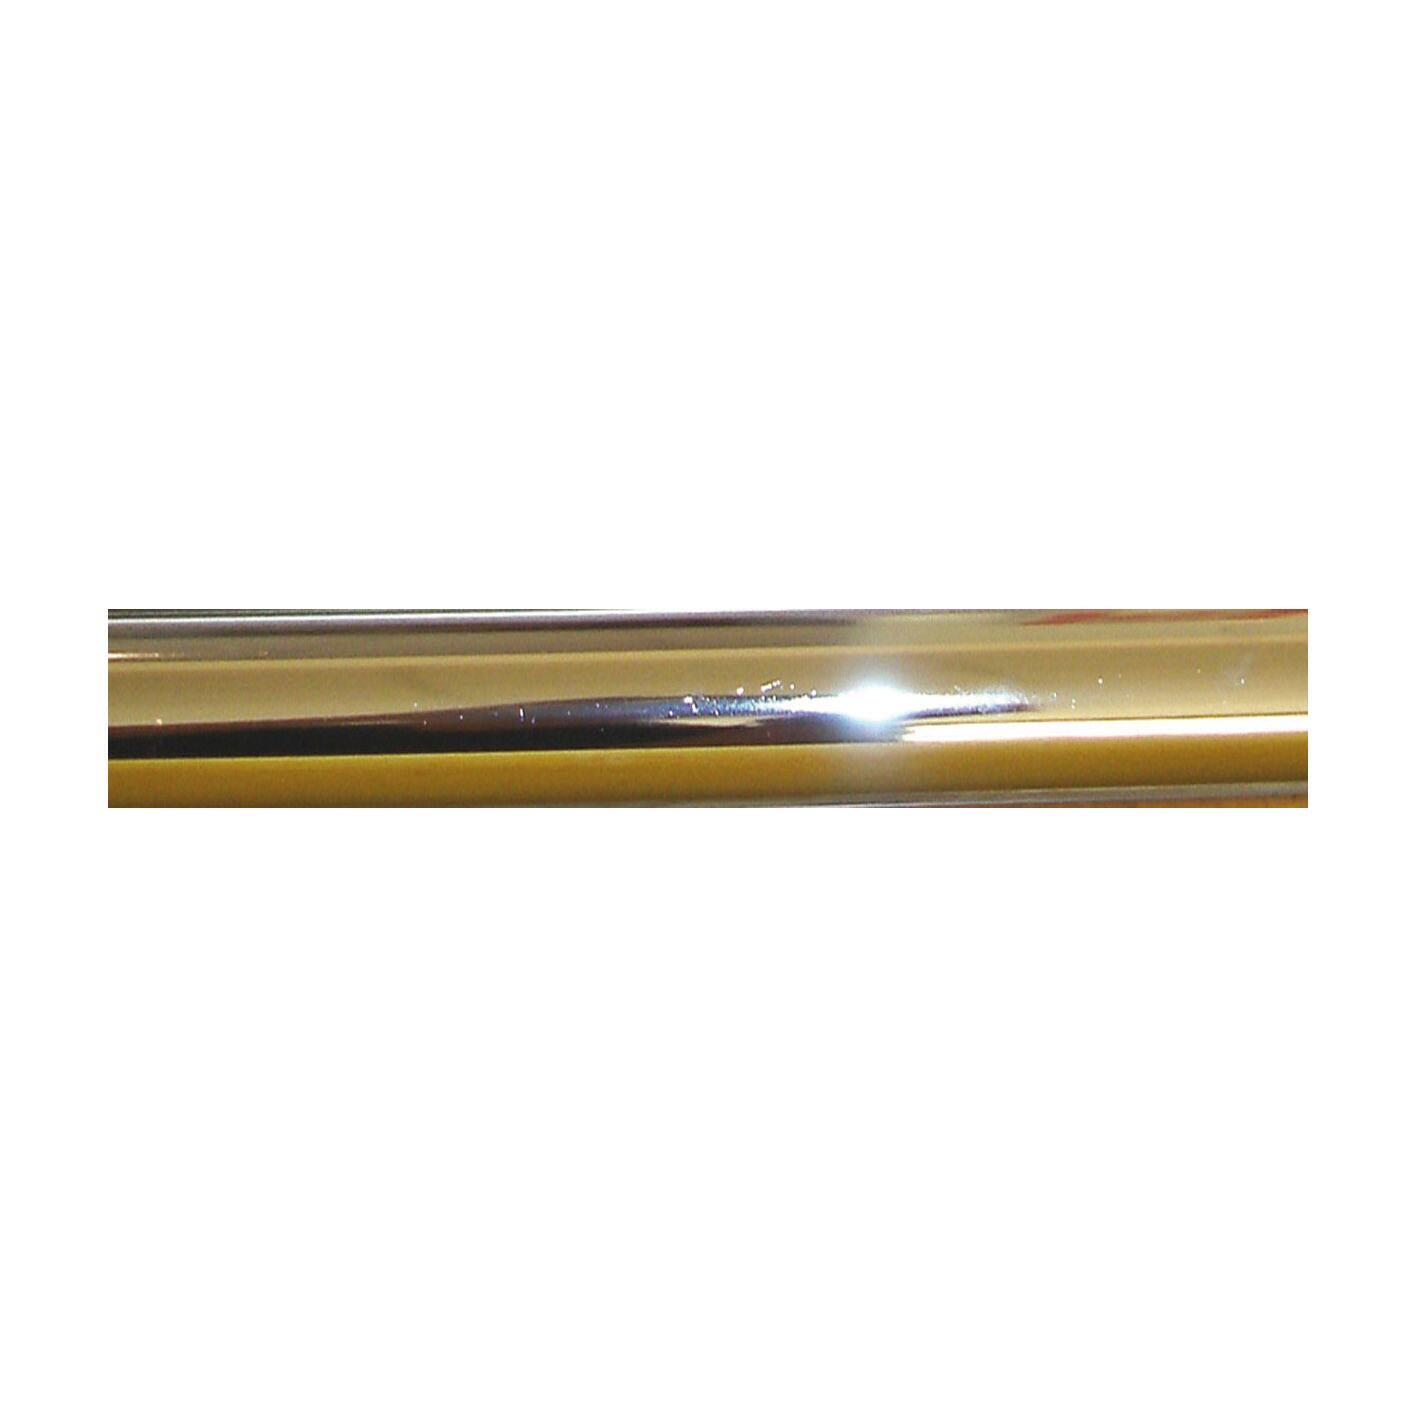 Bastone per tenda Agra in metallo Ø 28 mm ottone lucido 200 cm - 2